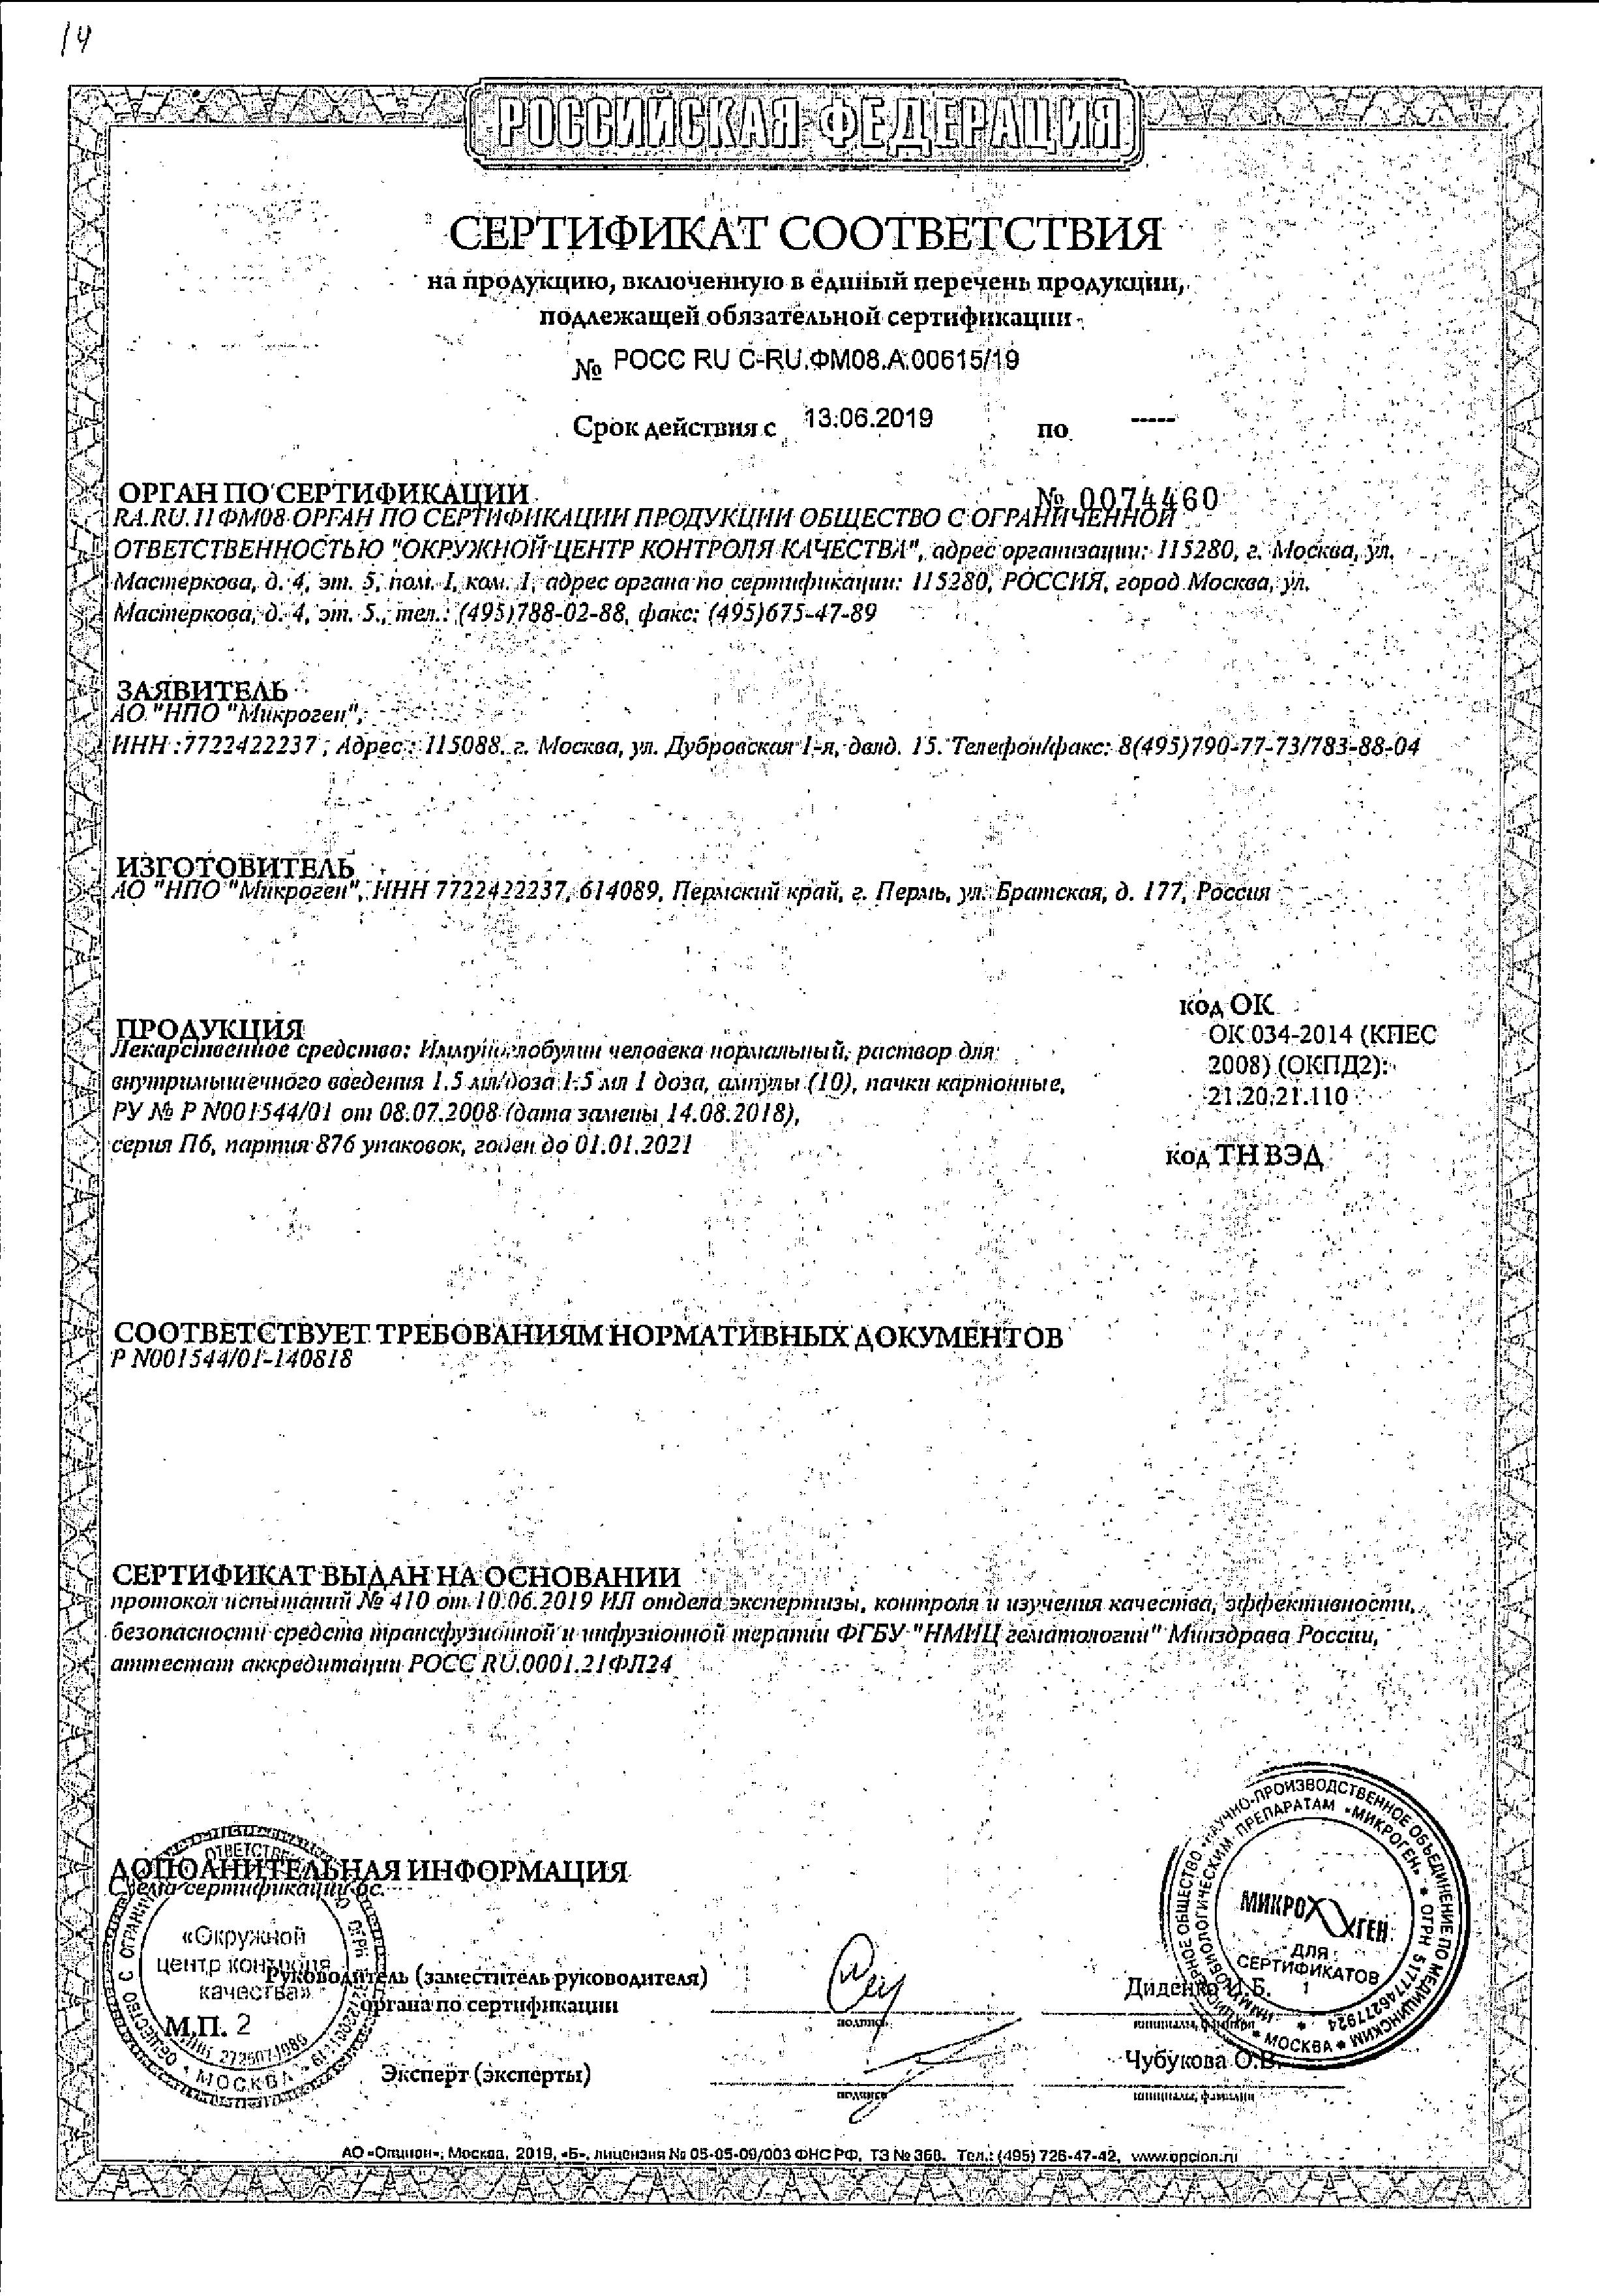 Иммуноглобулин человека нормальный сертификат